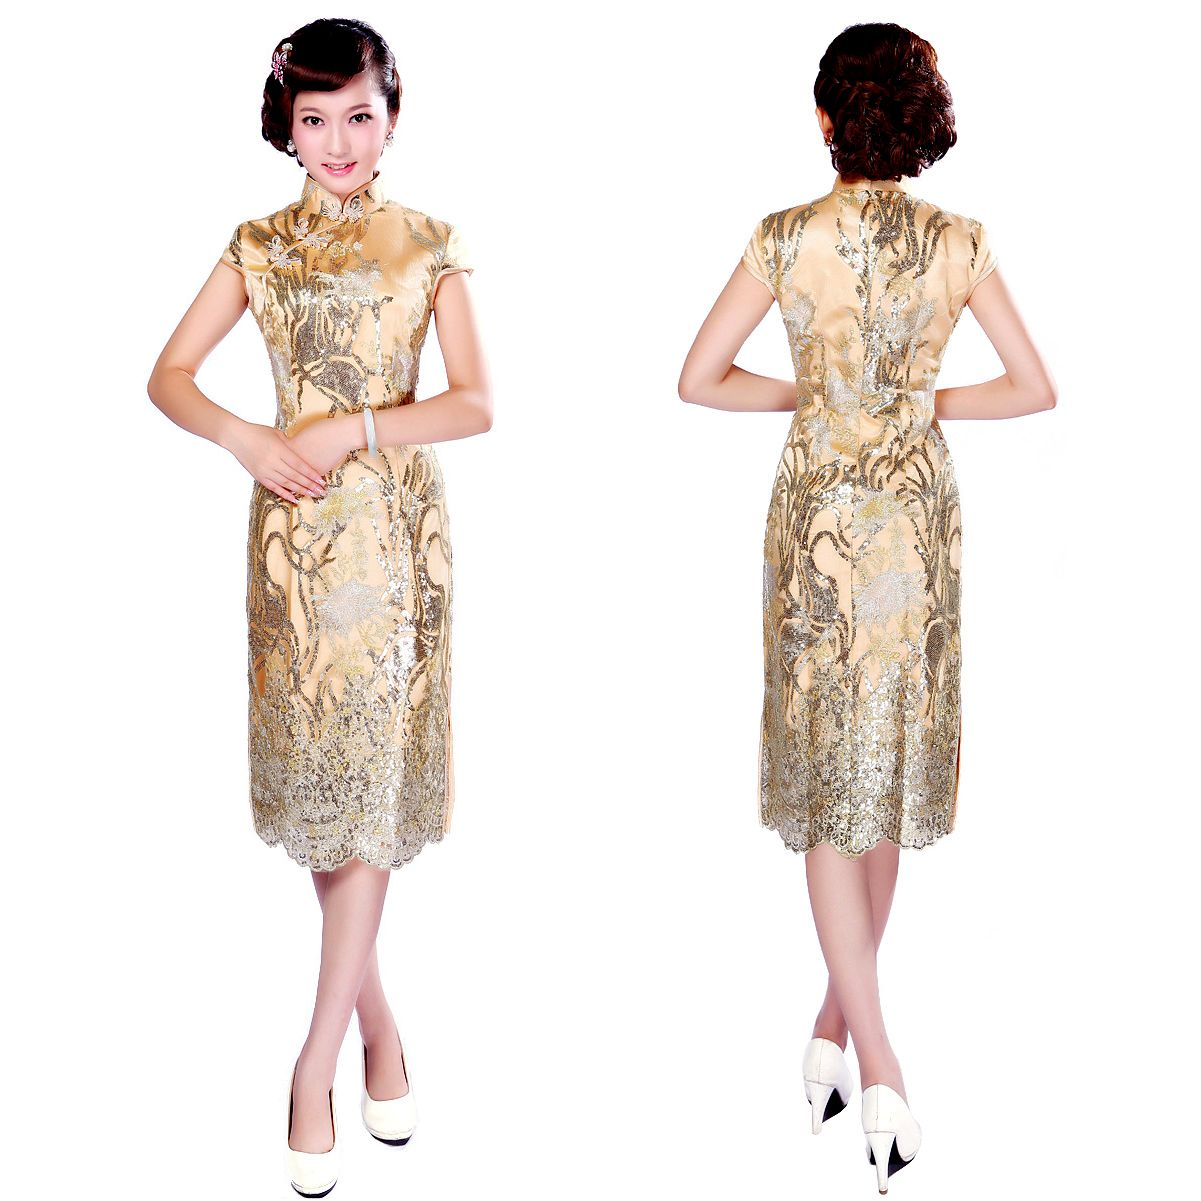 Beste Brautjunferkleider Mandarine Ideen - Brautkleider Ideen ...